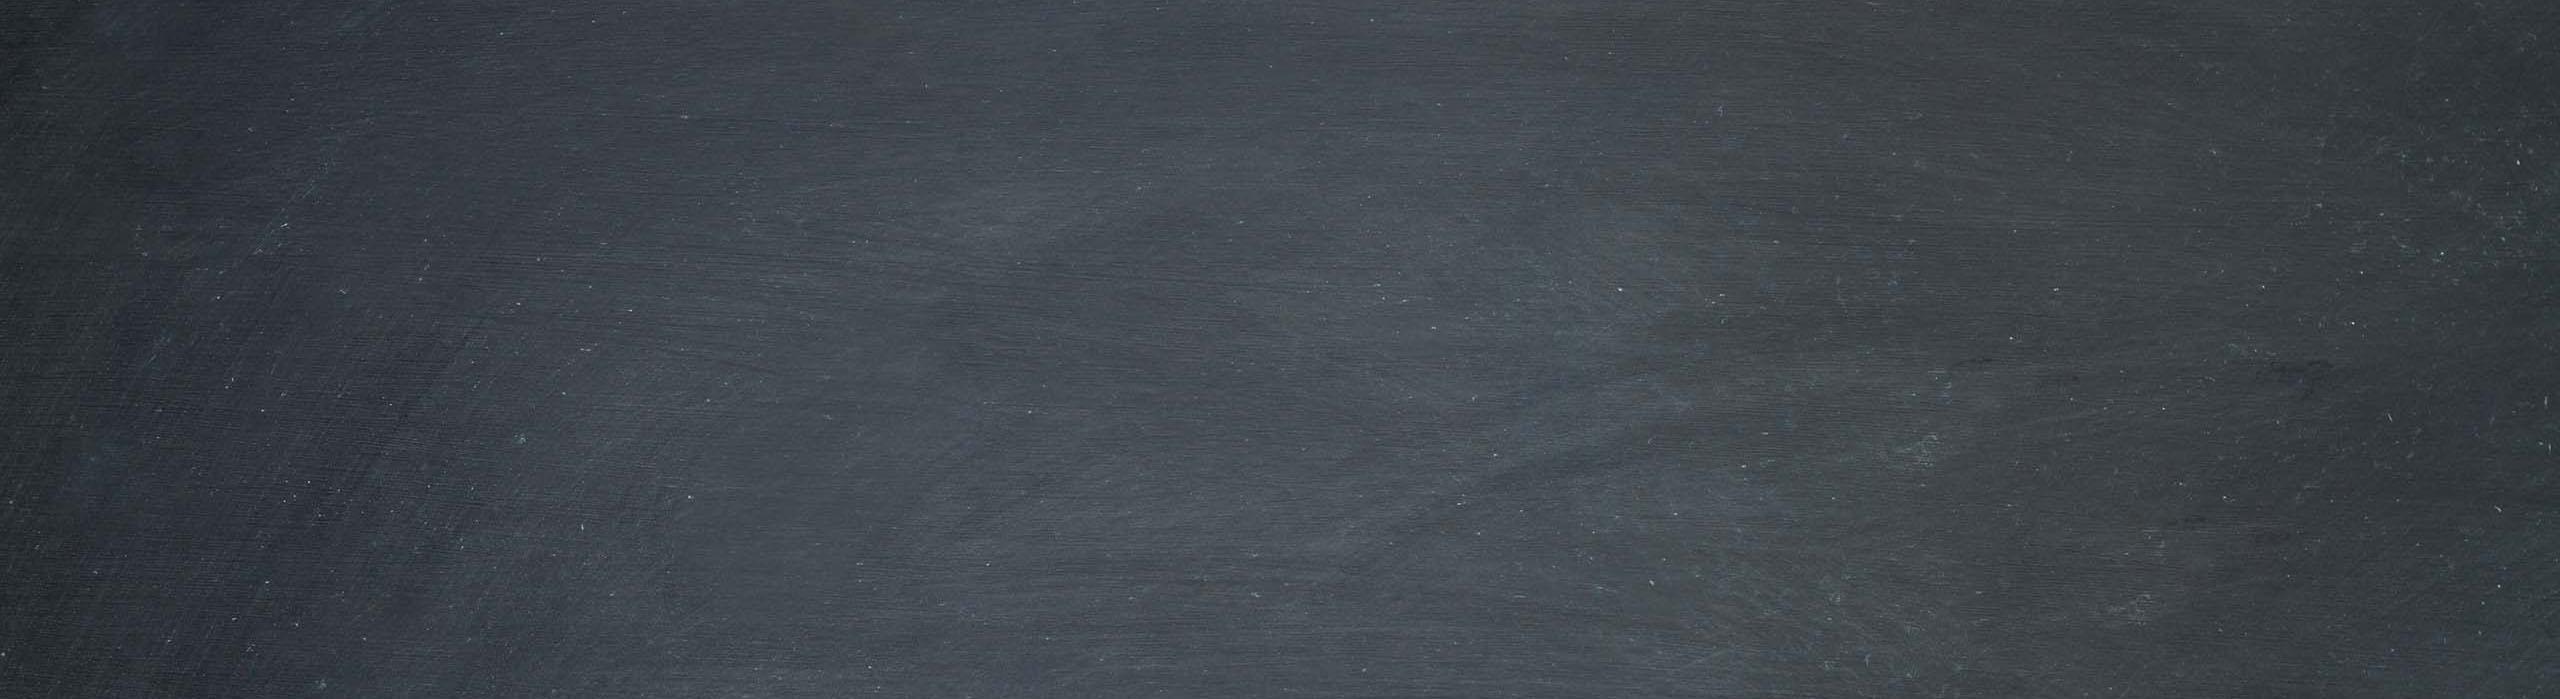 chalkboard-slide-bg